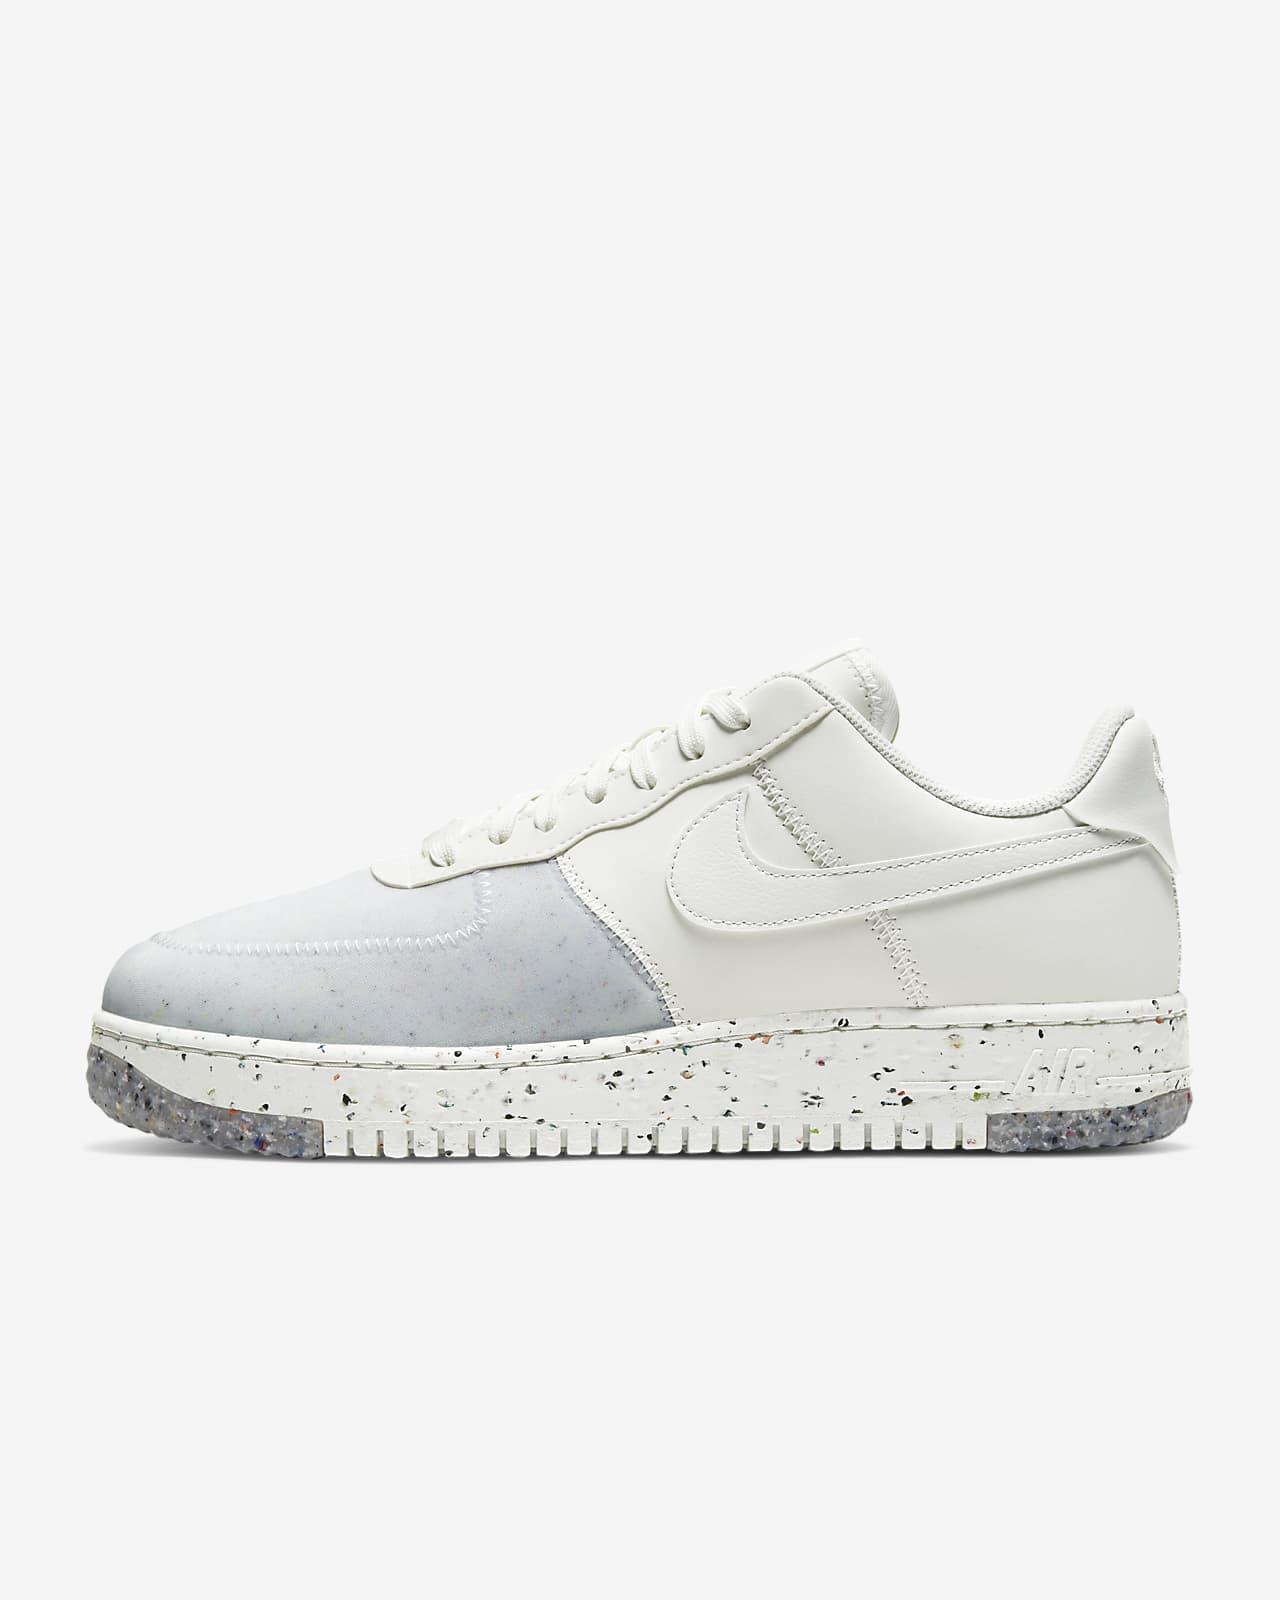 รองเท้าผู้ชาย Nike Air Force 1 Crater